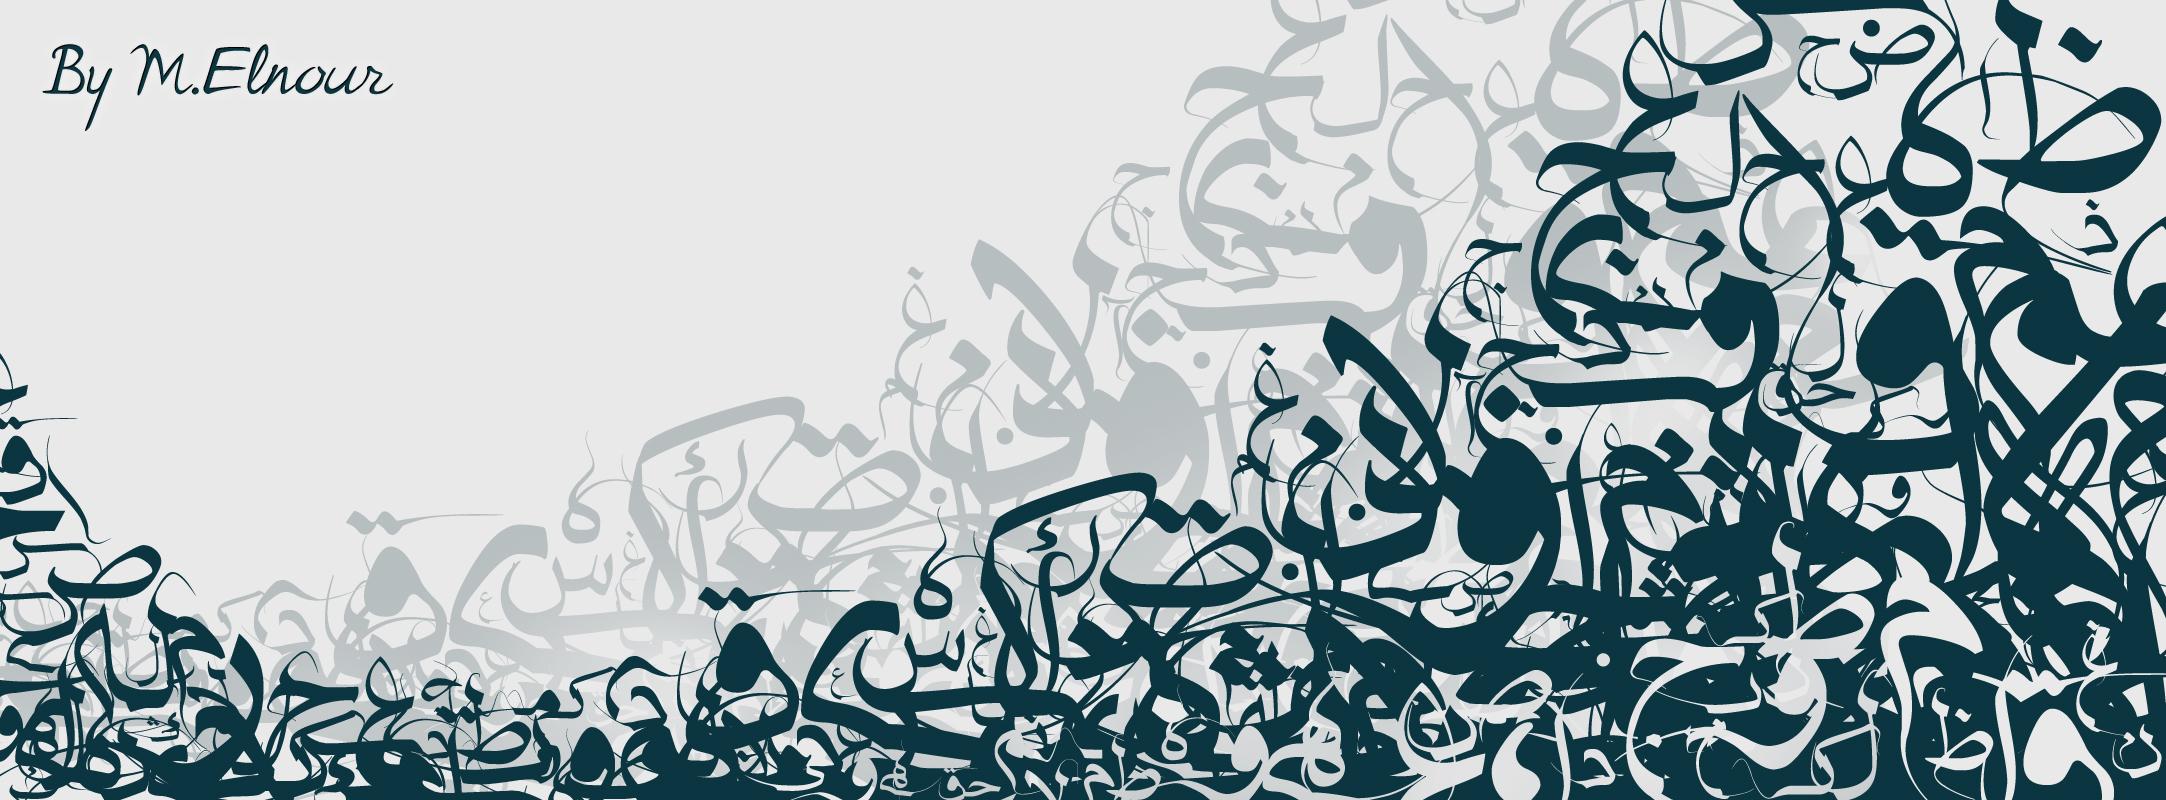 Arabic Typography By Melnour On Deviantart